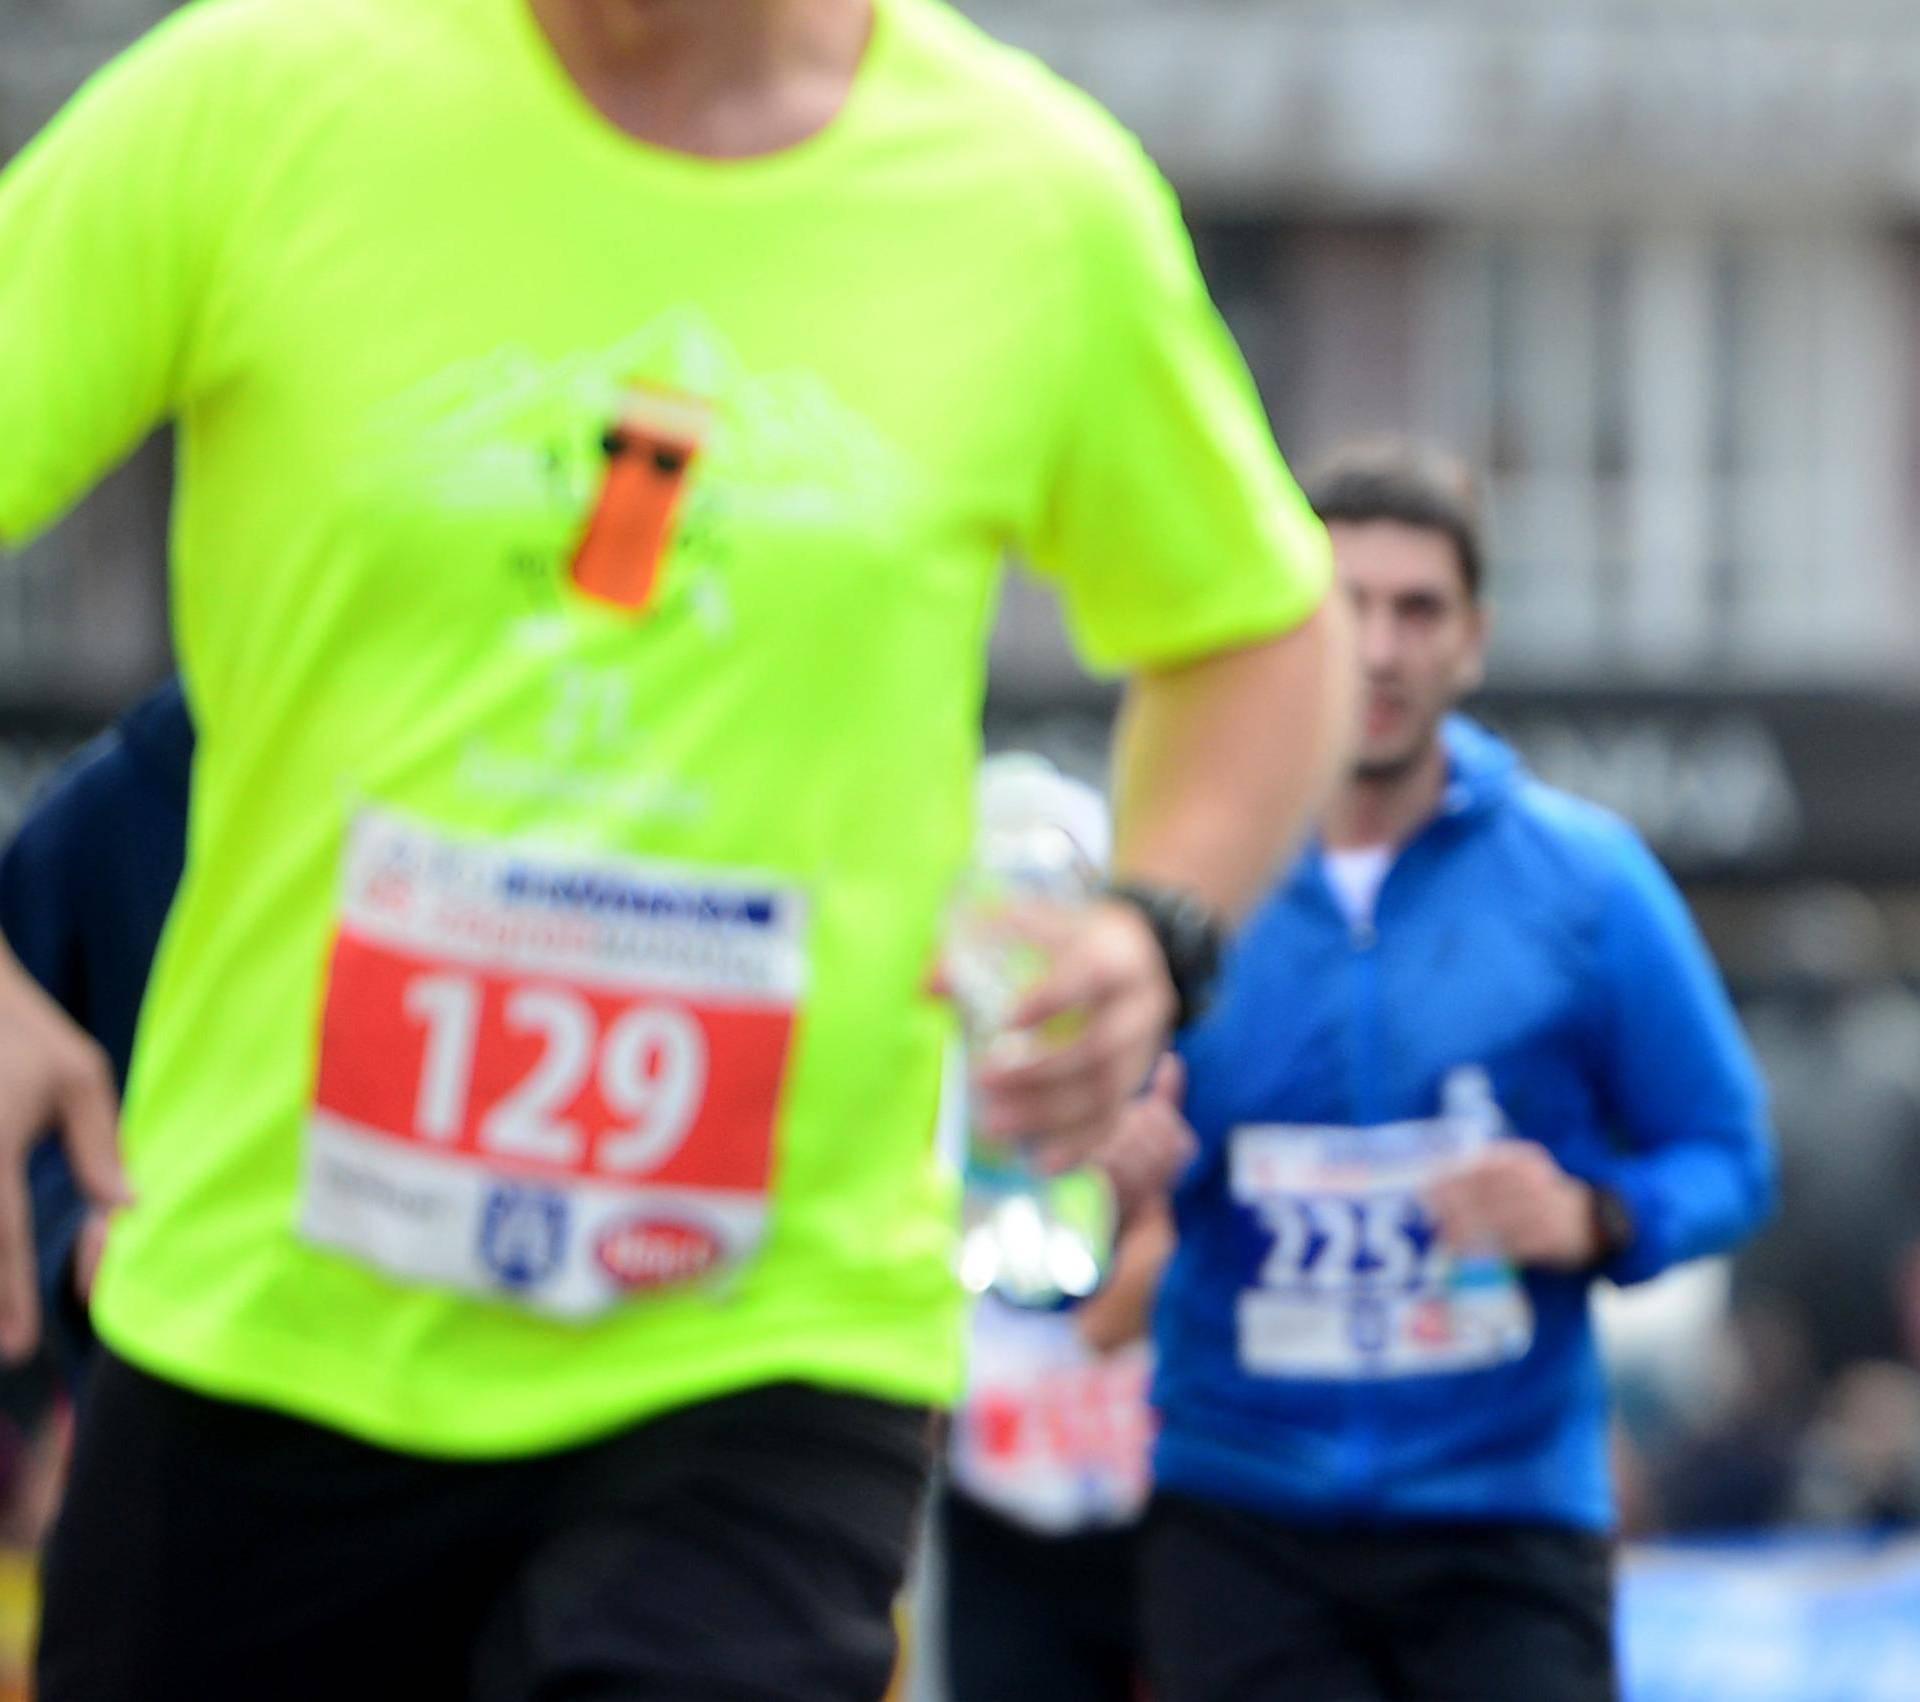 'Da, priznajem, ovisnica sam, a trčanje mi daje vedrinu i - moć'